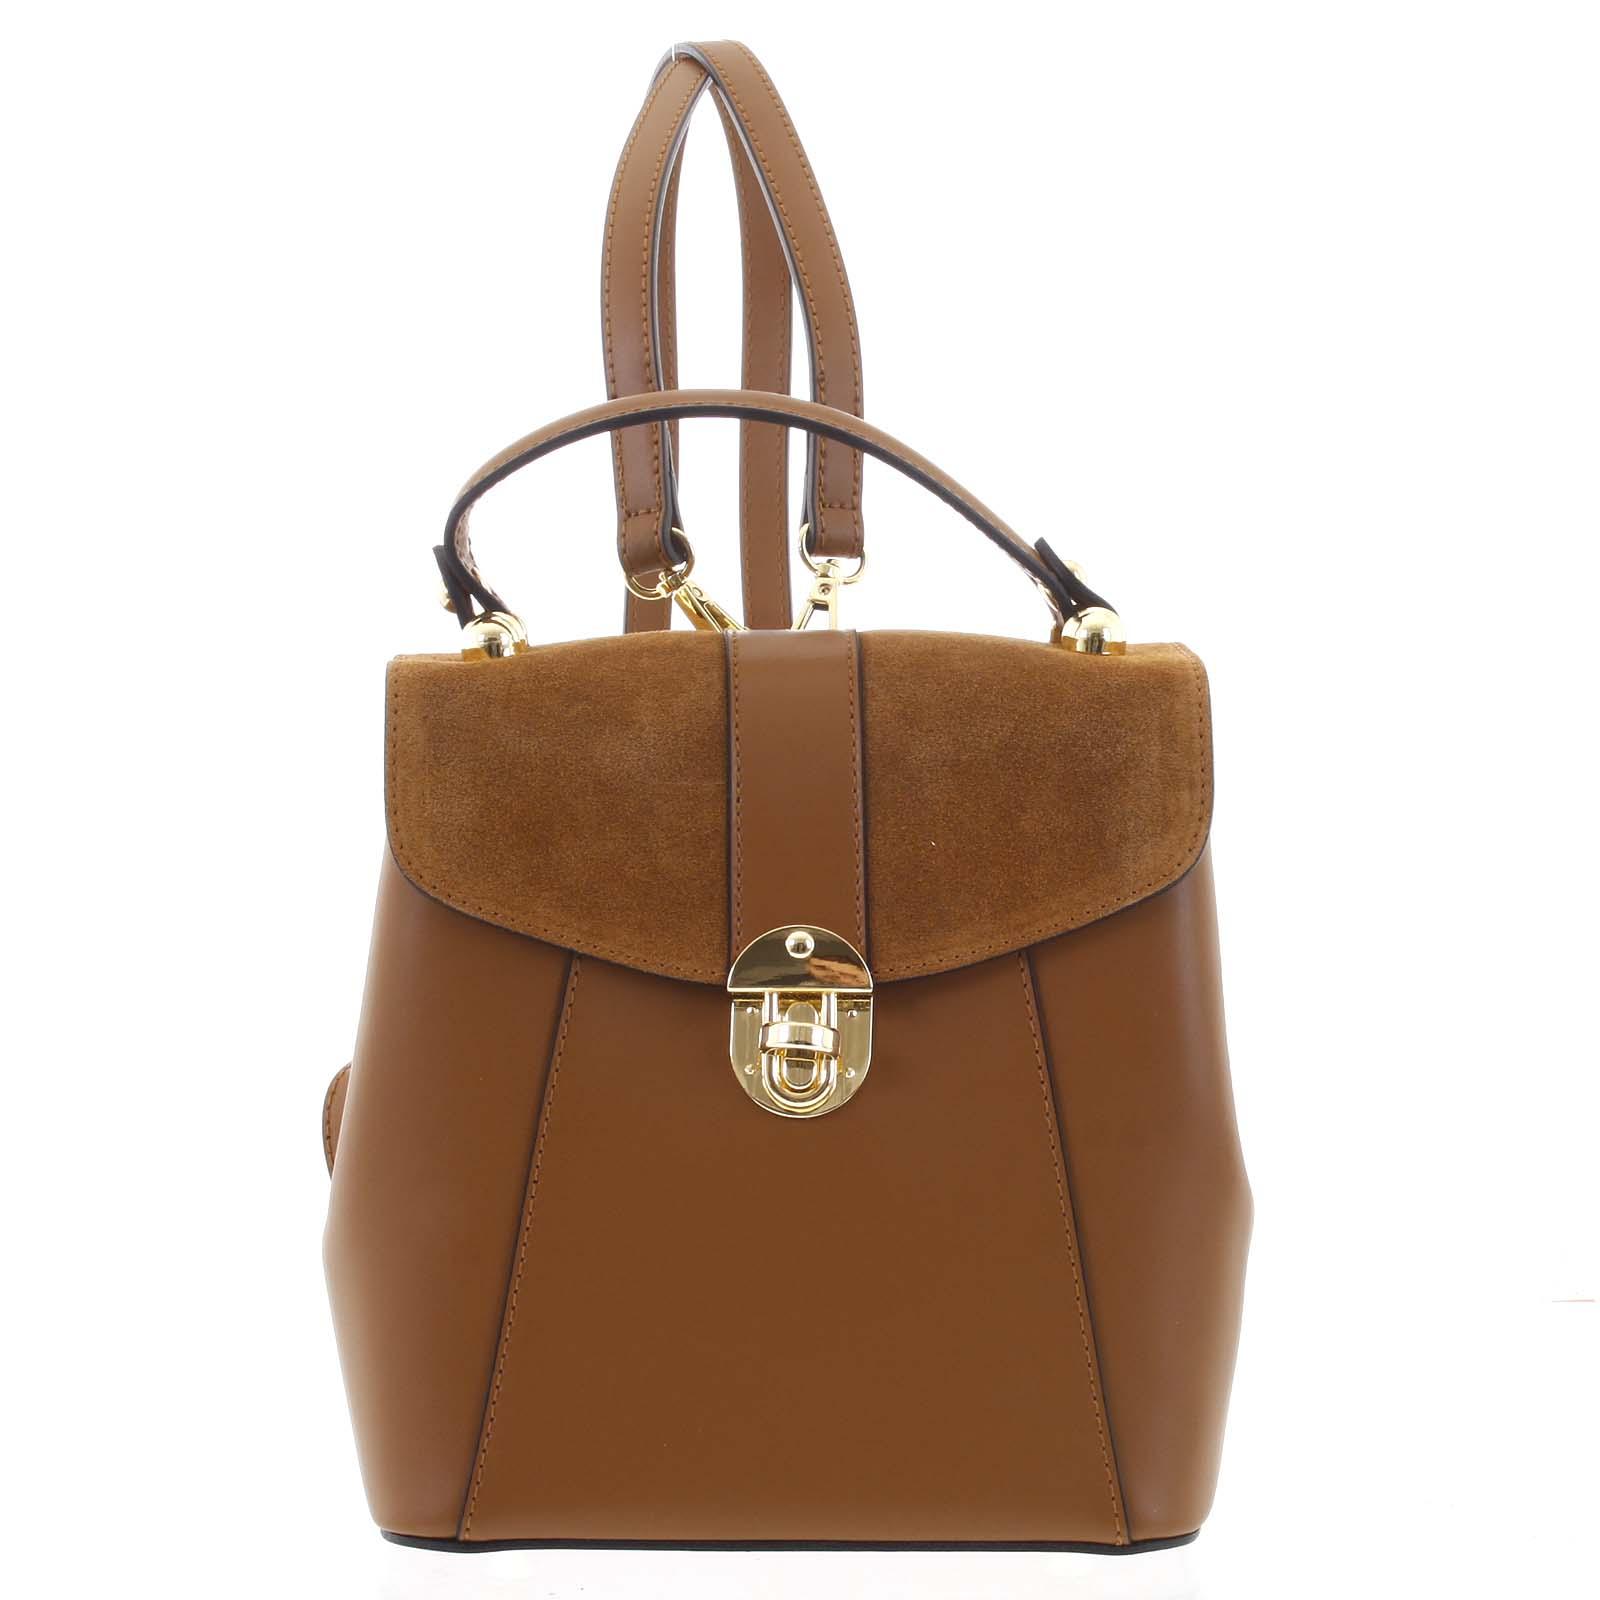 Dámsky originálny kožený hnedý batôžtek/kabelka - ItalY Acnes